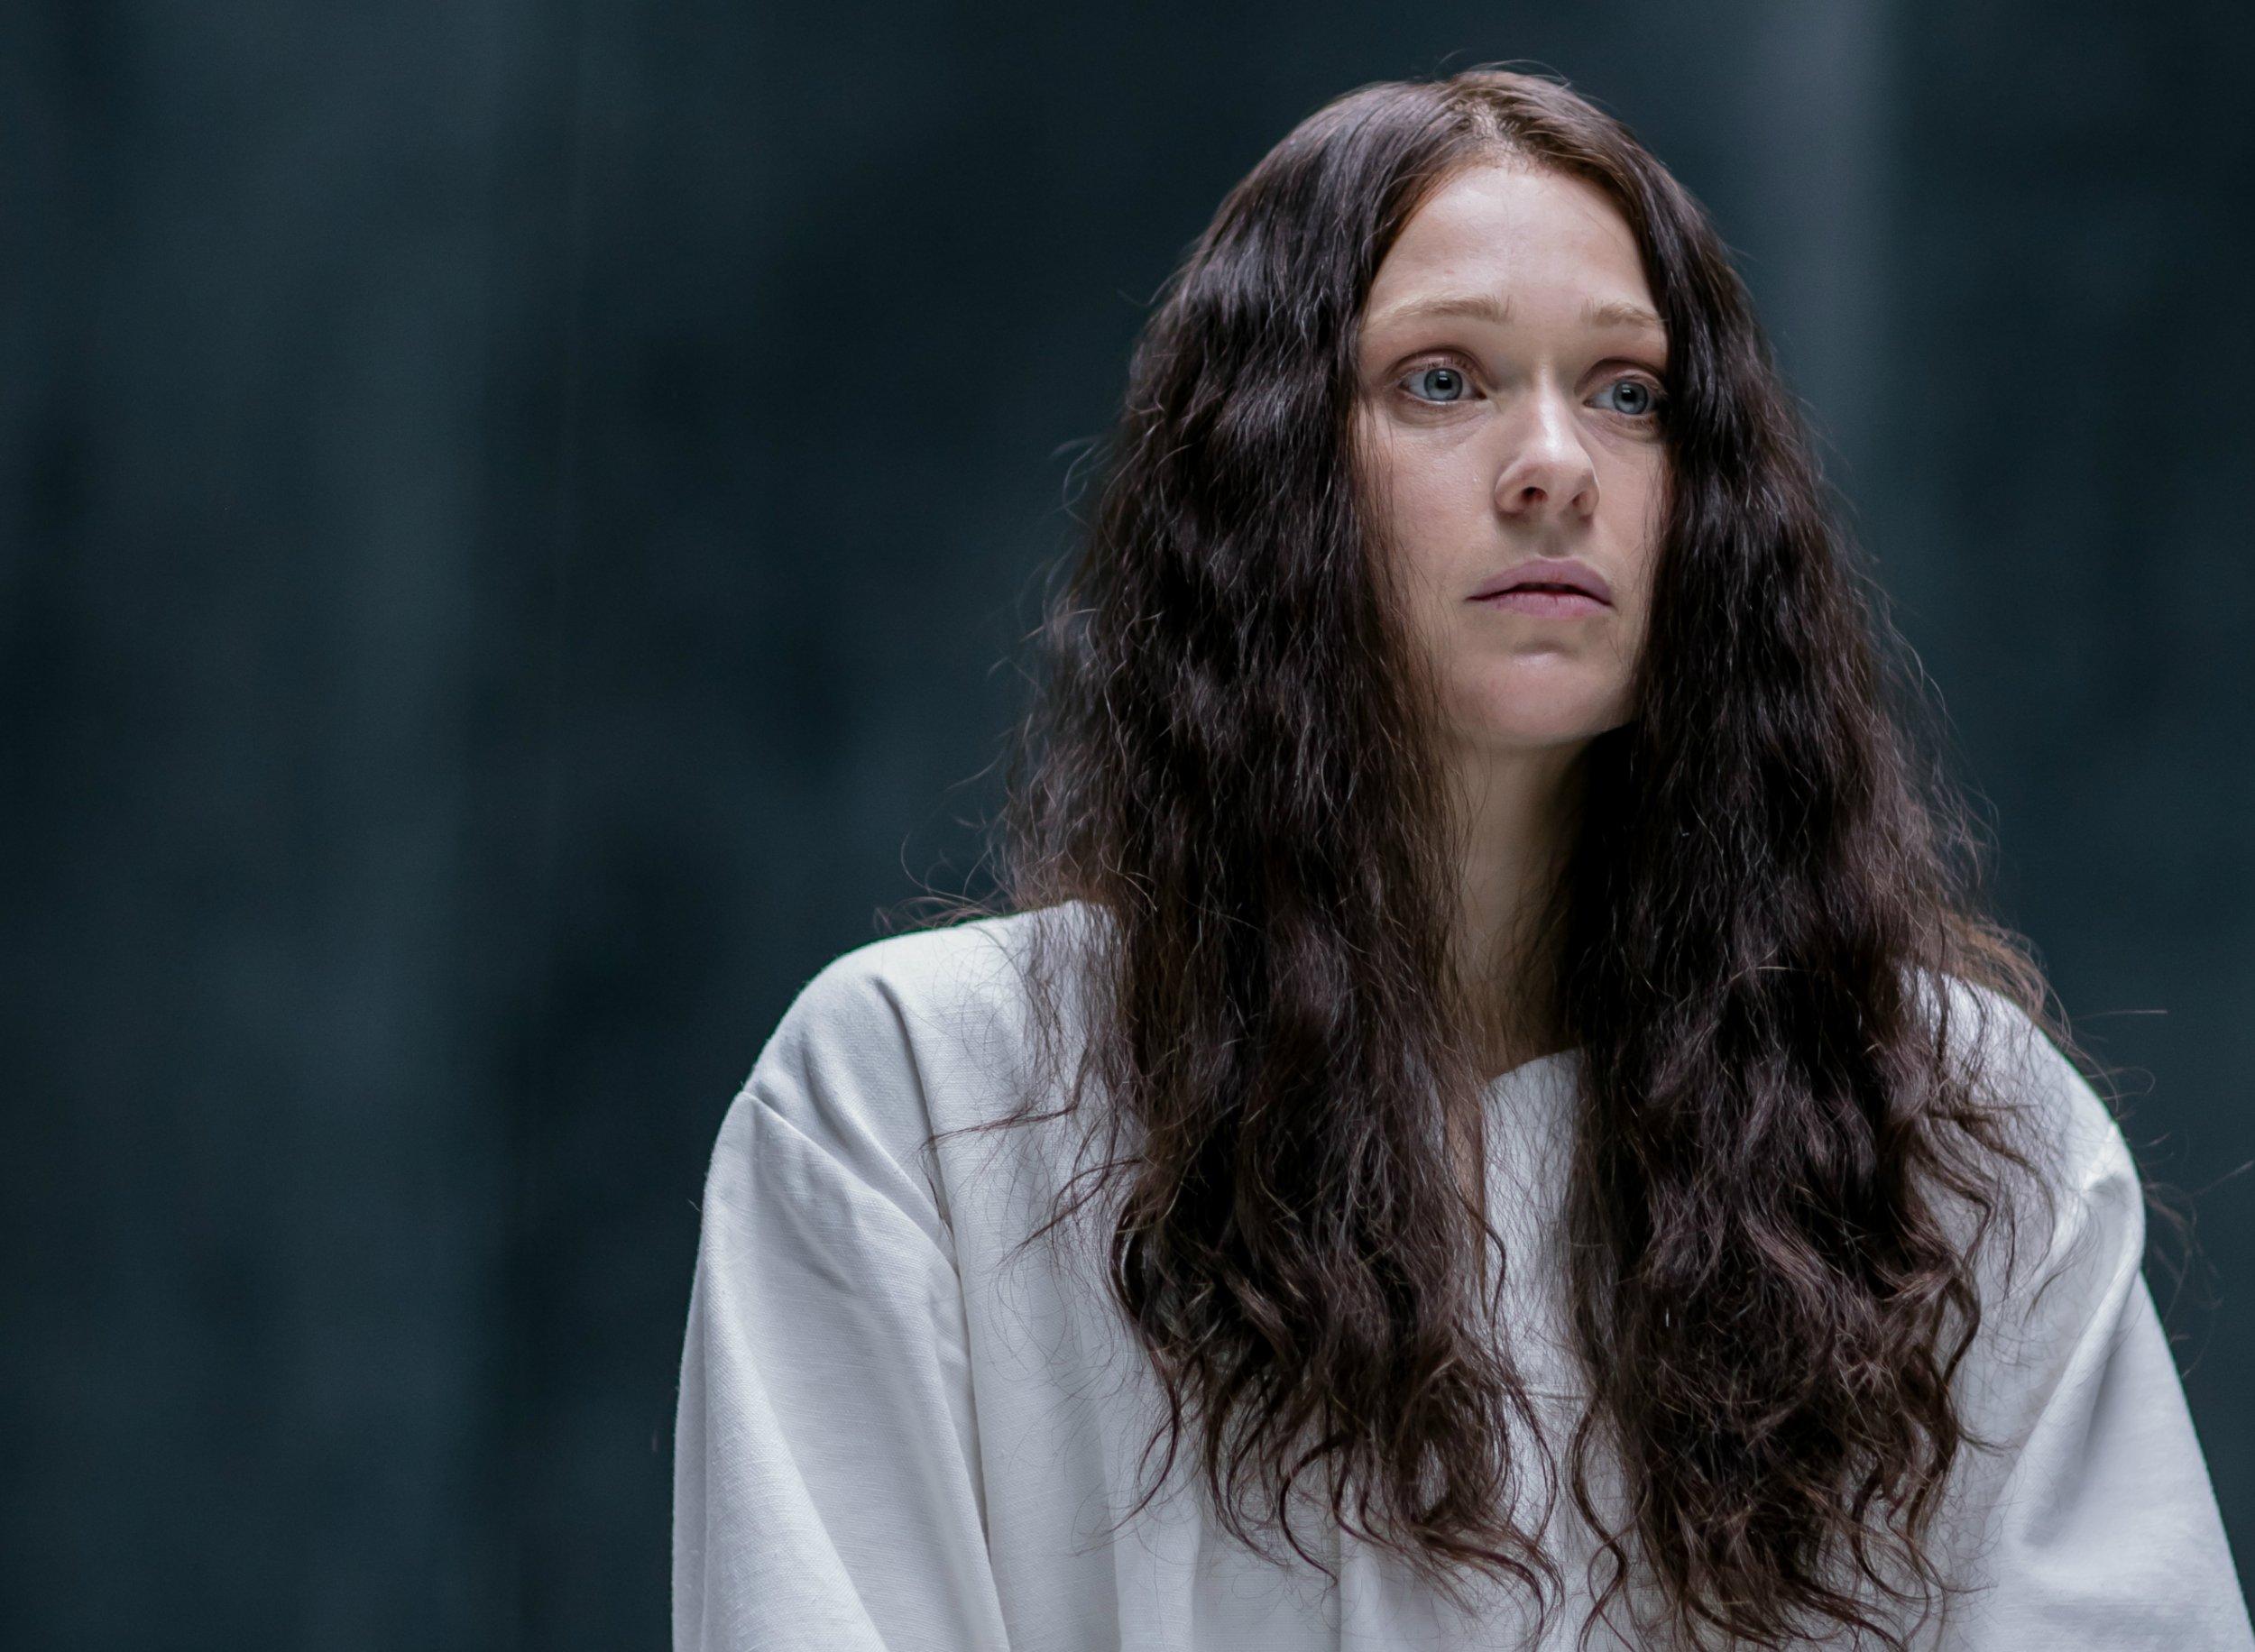 Sian Brooke as Eurus Holmes